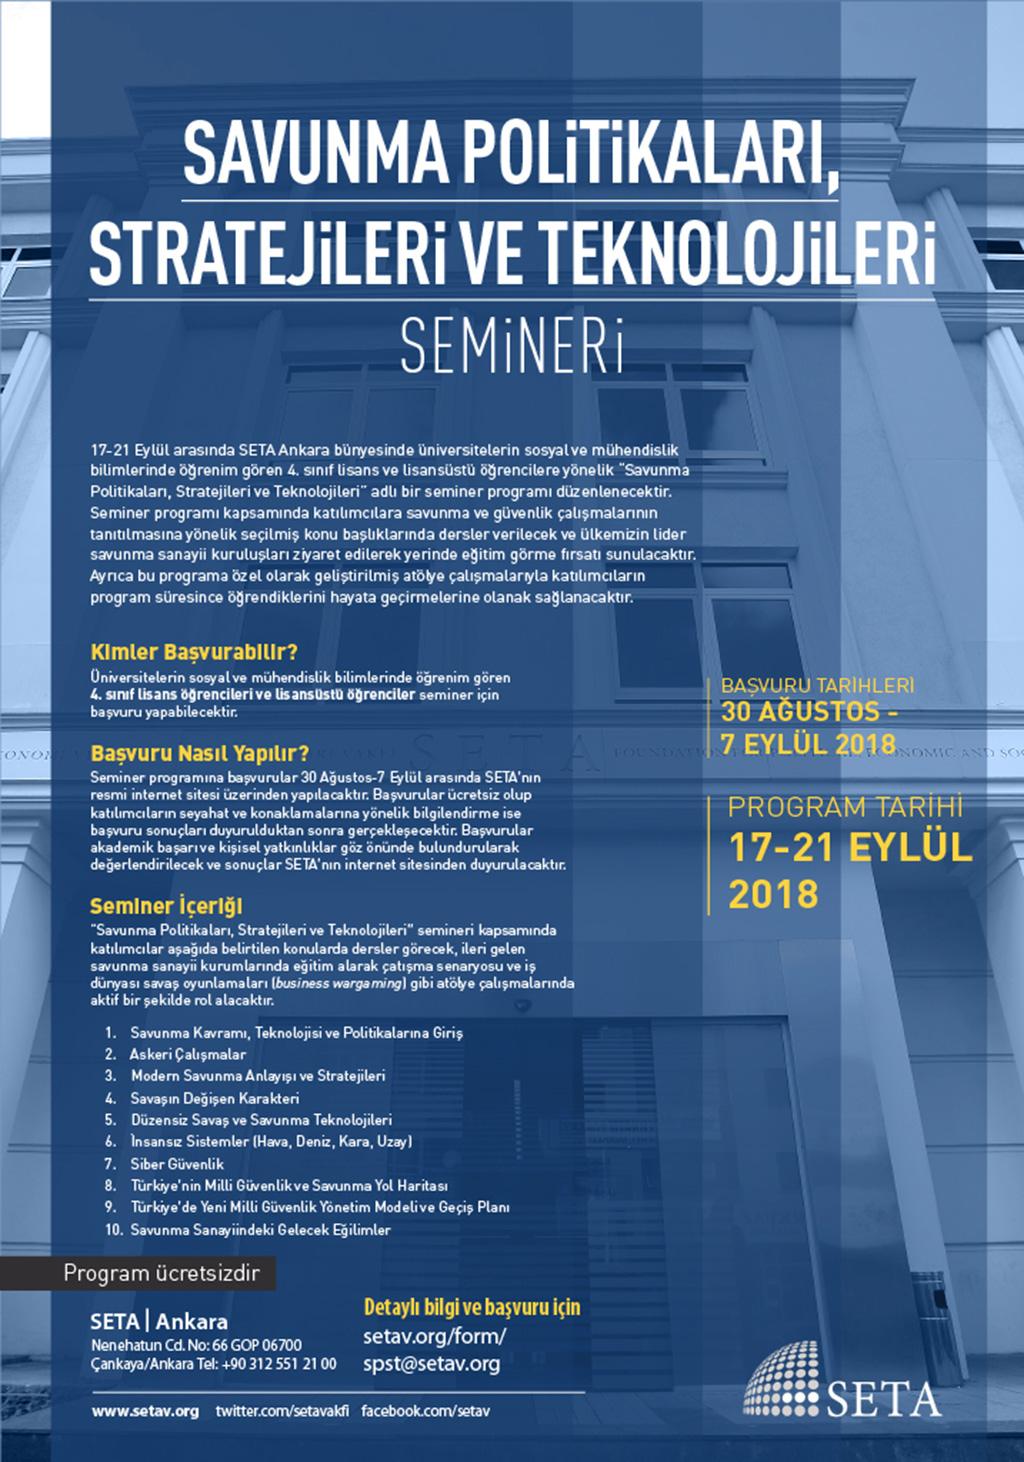 SETA Savunma Politikaları, Stratejileri ve Teknoloji Semineri Başlıyor